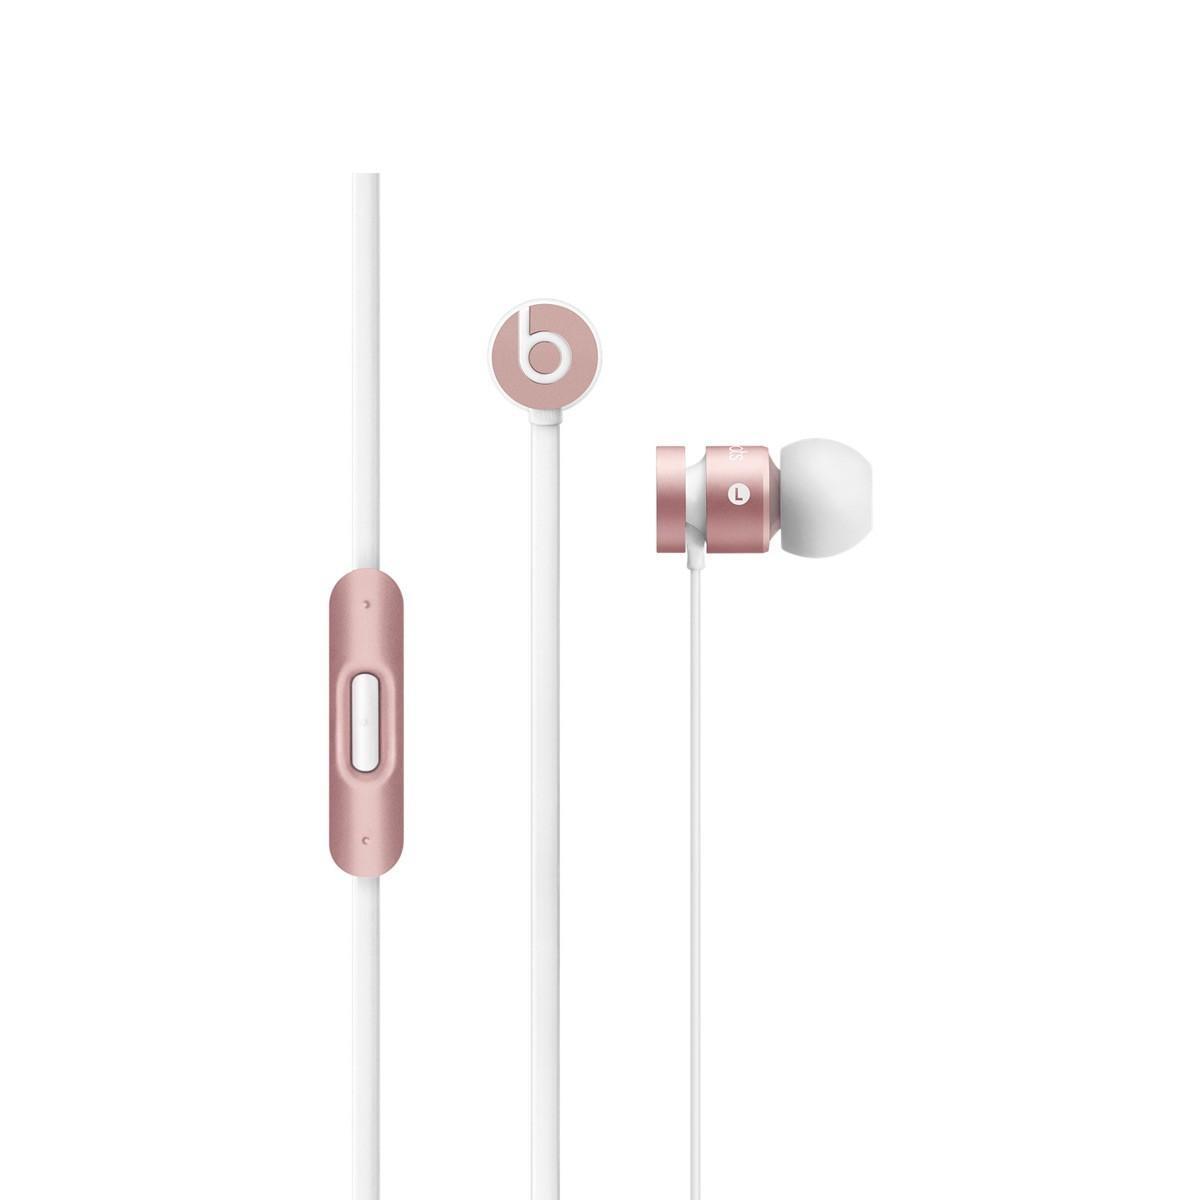 Sluchátka do uší Beats by Dr. Dre urBeats, růžově zlatá